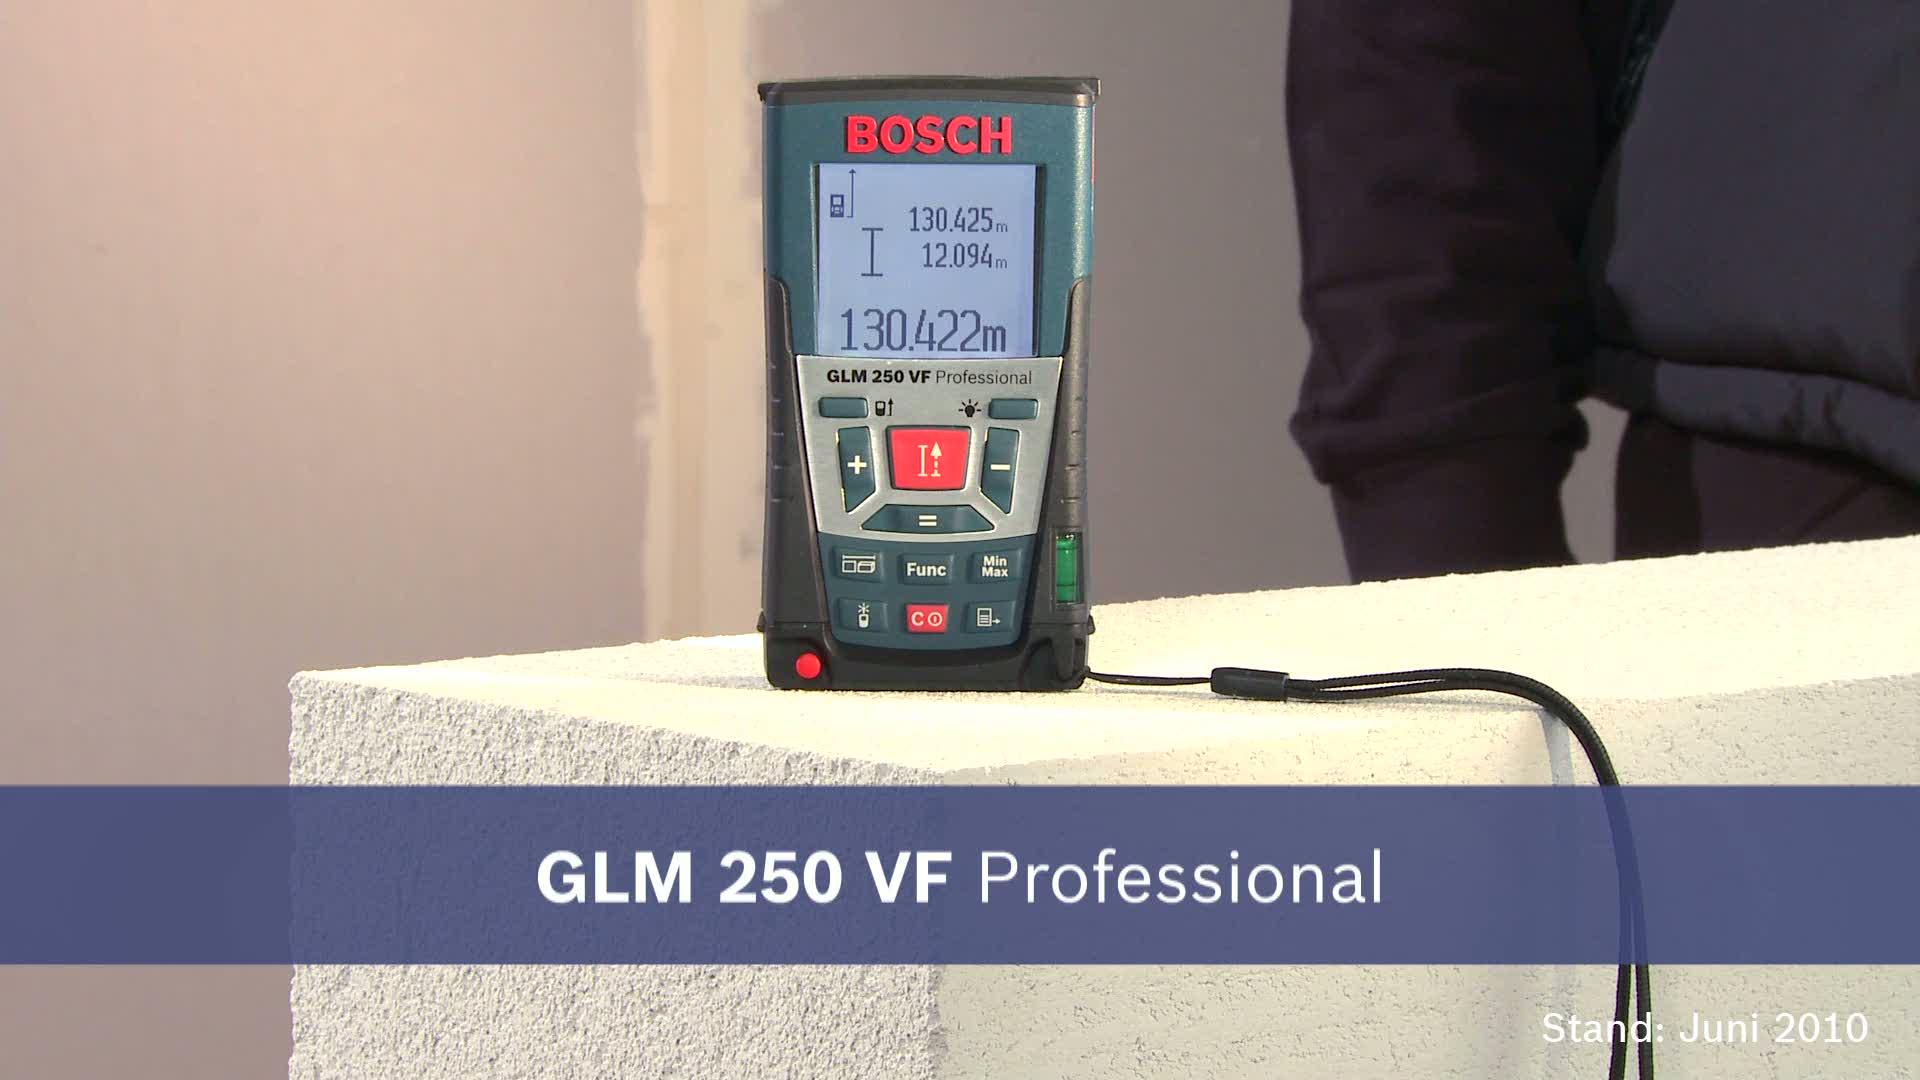 Bosch Laser Entfernungsmesser Grün Oder Blau : Glm vf laser entfernungsmesser bosch professional